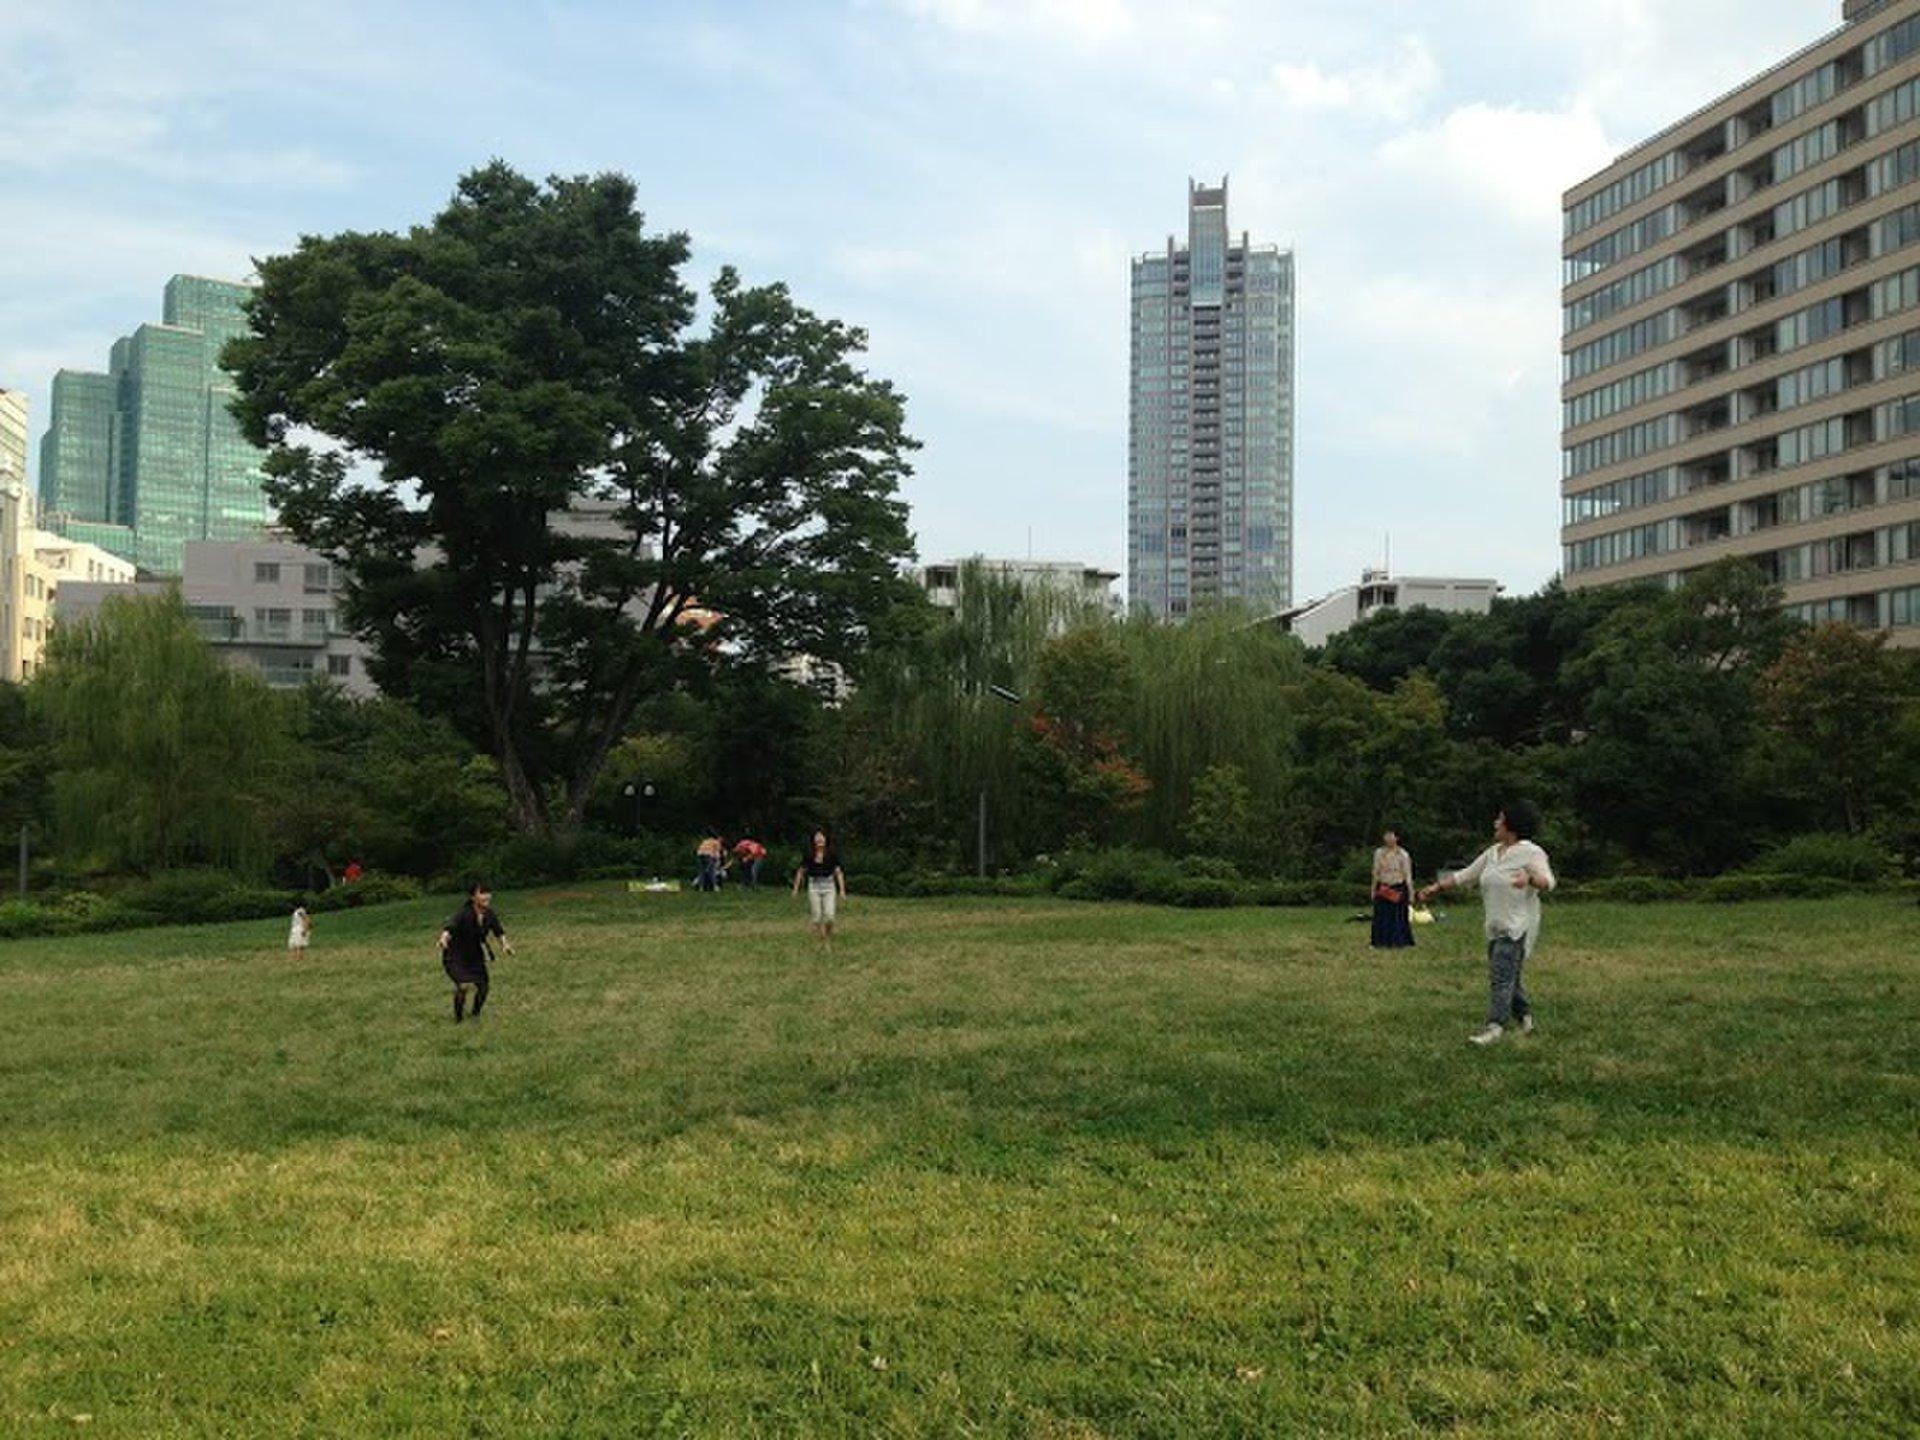 東京六本木でお散歩しよう!都会のど真ん中のデートでおすすめ自然癒しスポット!